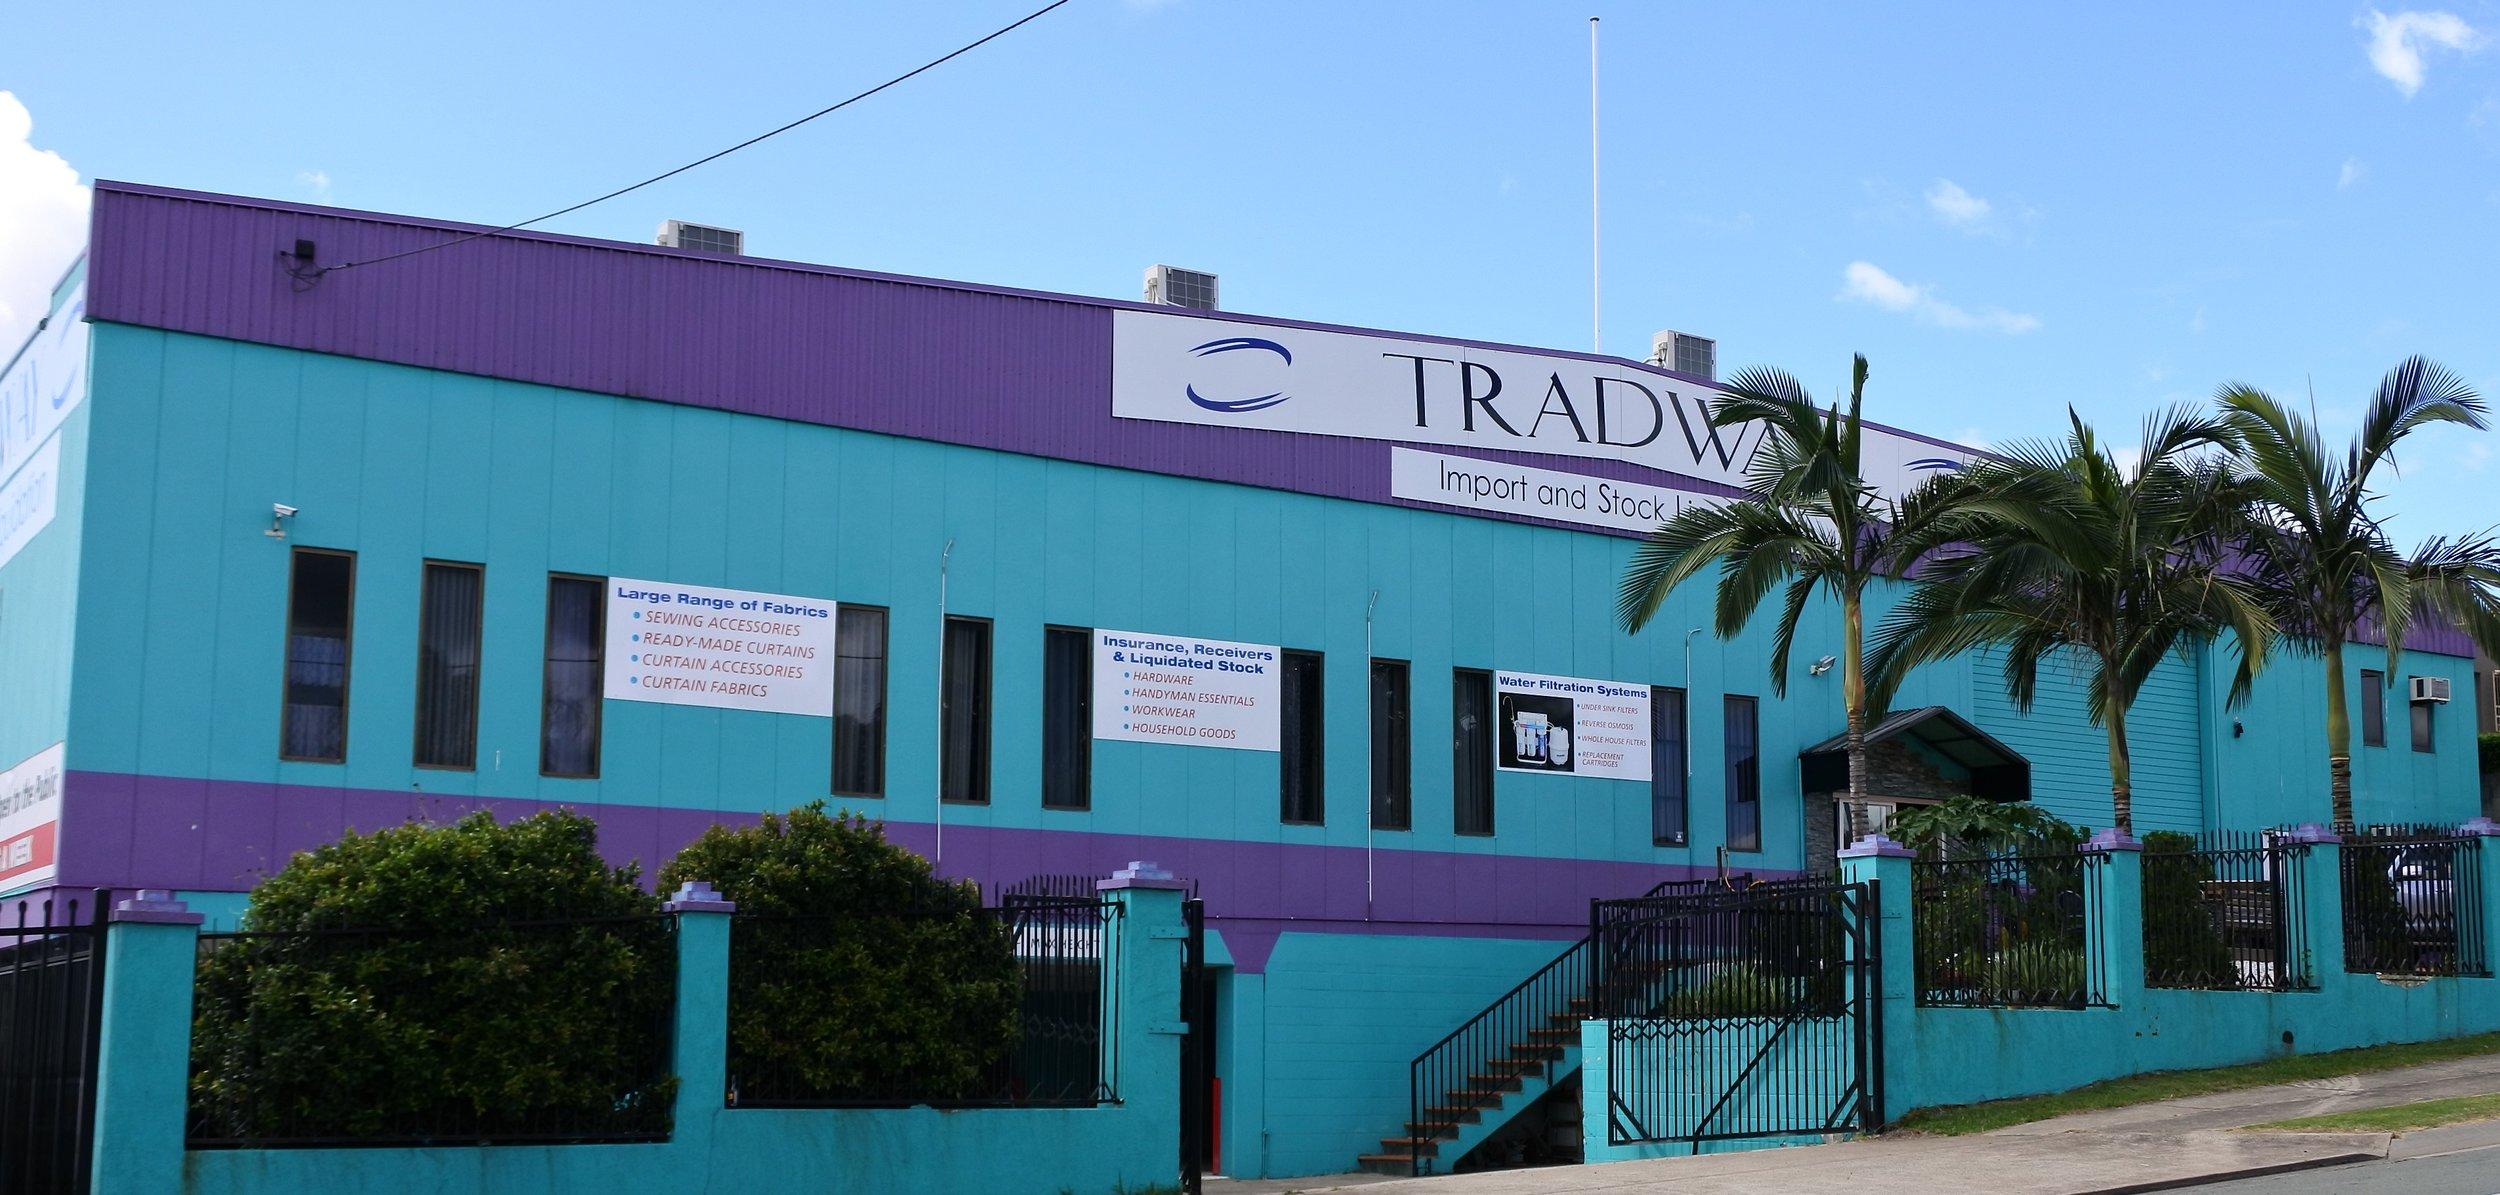 Tradway (2).JPG